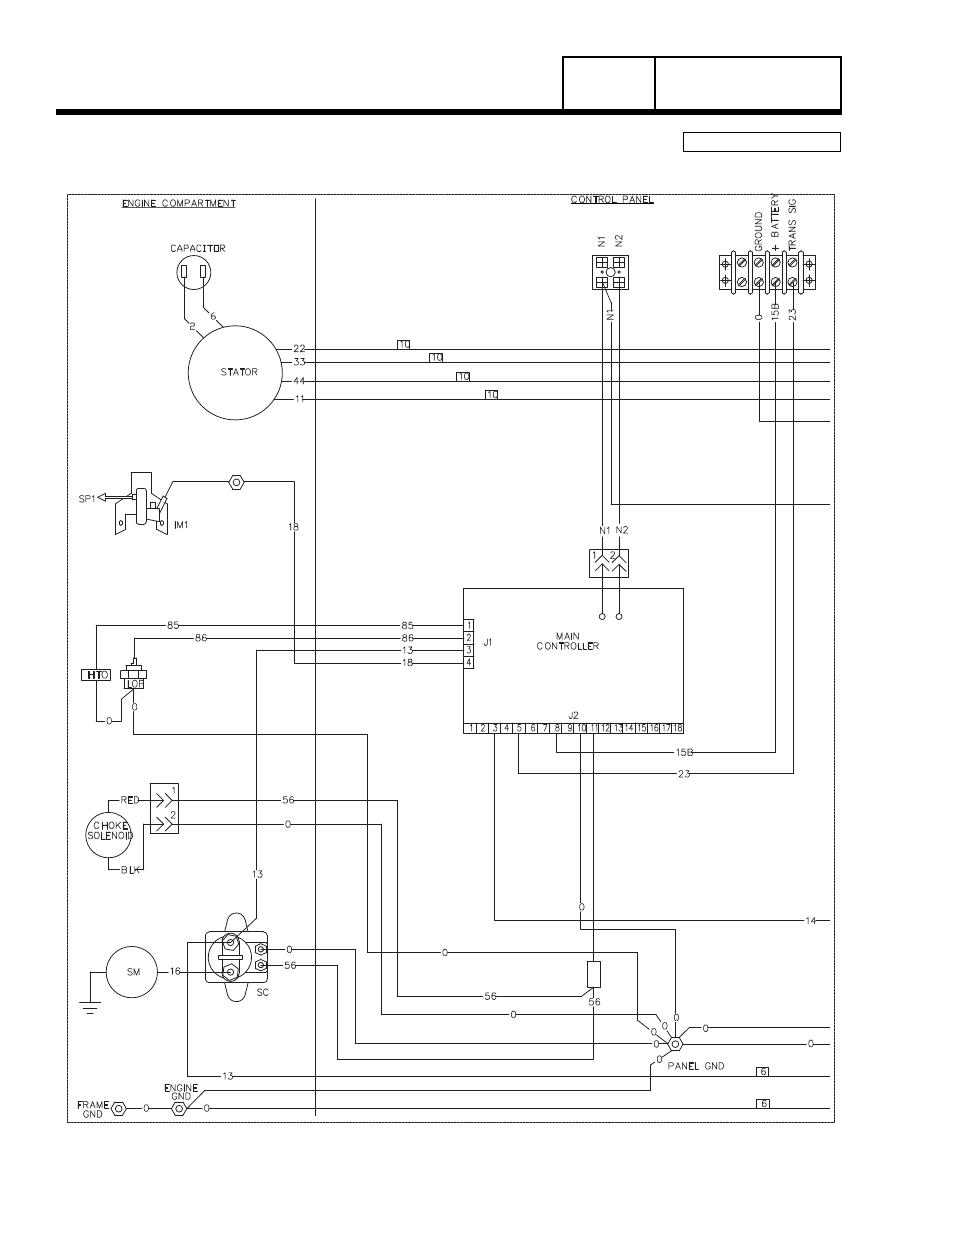 22kw Generac Generator Wiring Diagram Wiring Diagram 8 Kw Generac Wiring Diagram  sc 1 st  Auto-Acce.com : generac wiring diagram - yogabreezes.com